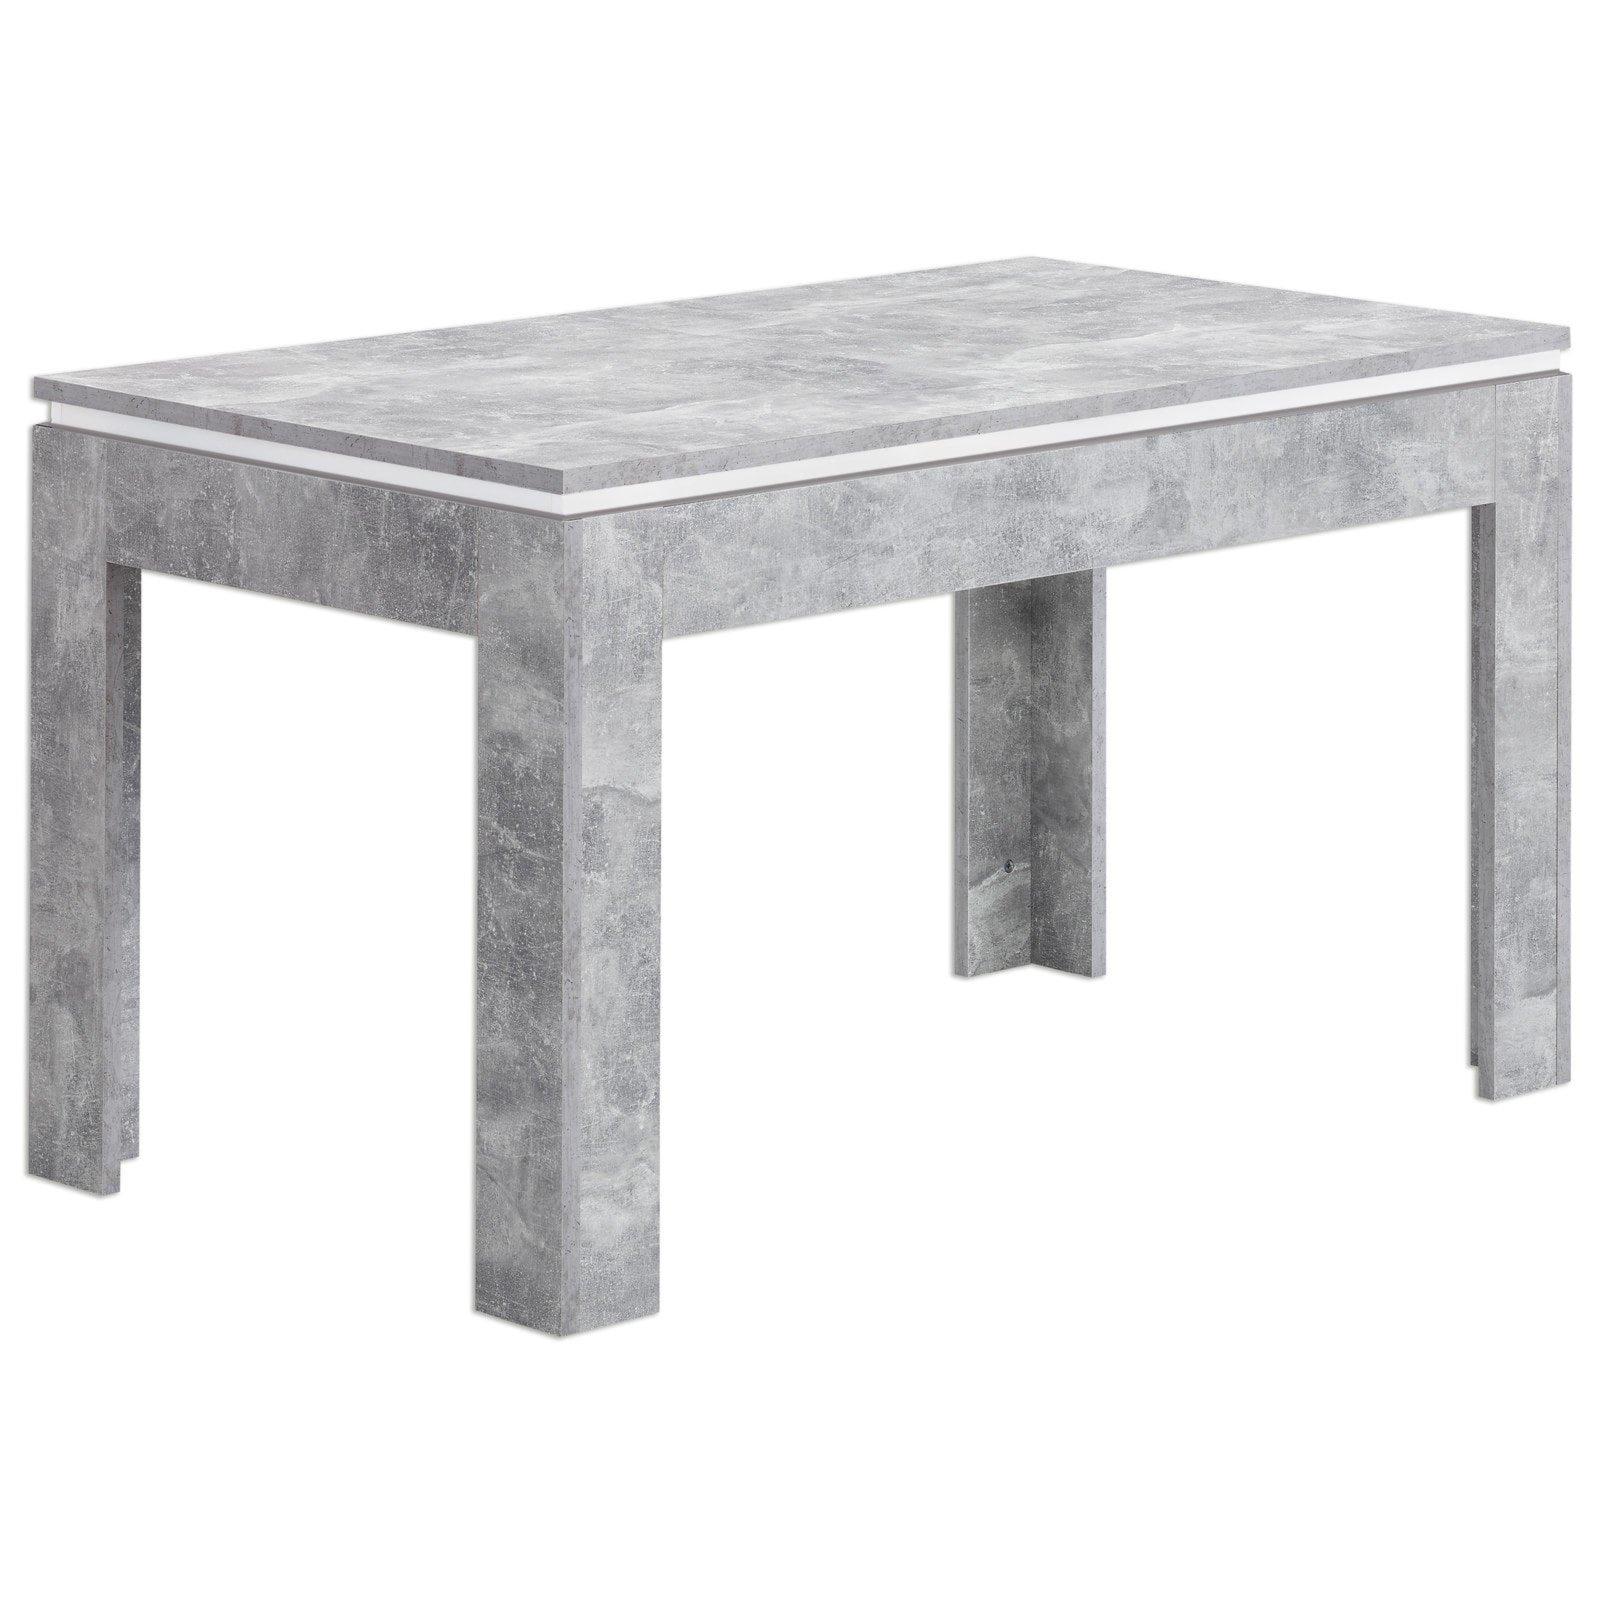 Esstisch STONE - Beton-weiß - ausziehbar | Esstische | Sitzen ...